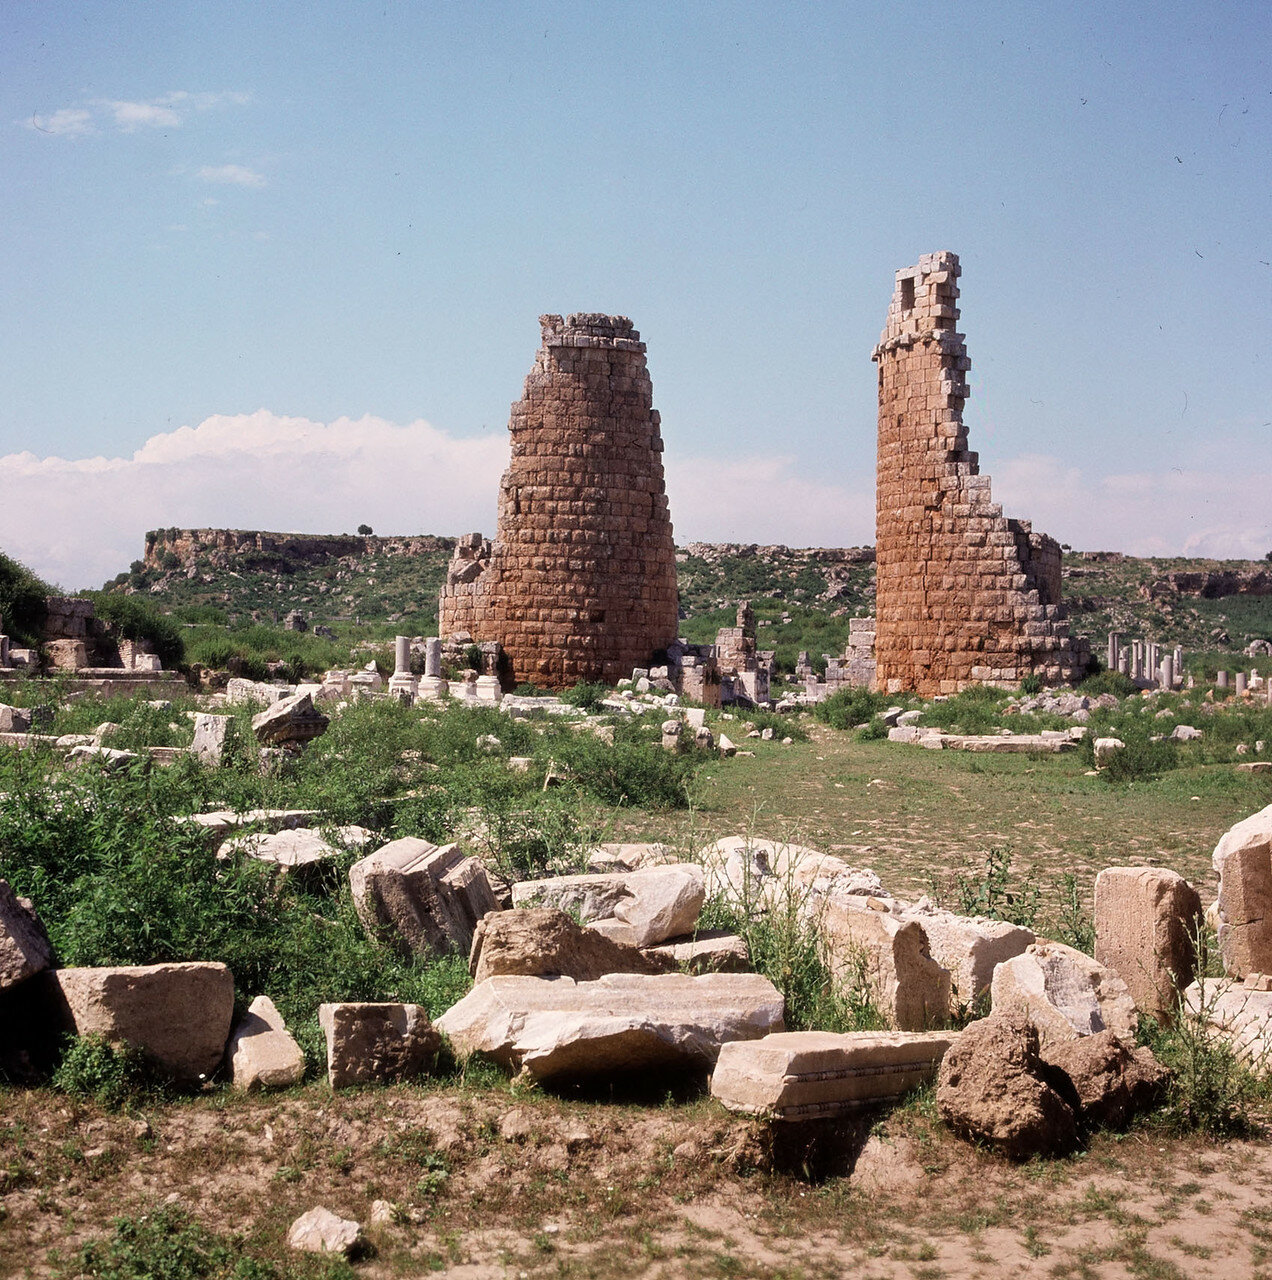 Перга.  Эллинистические ворота, датируемые III в. до н. э. По краям ворот стоят башни округлой формы